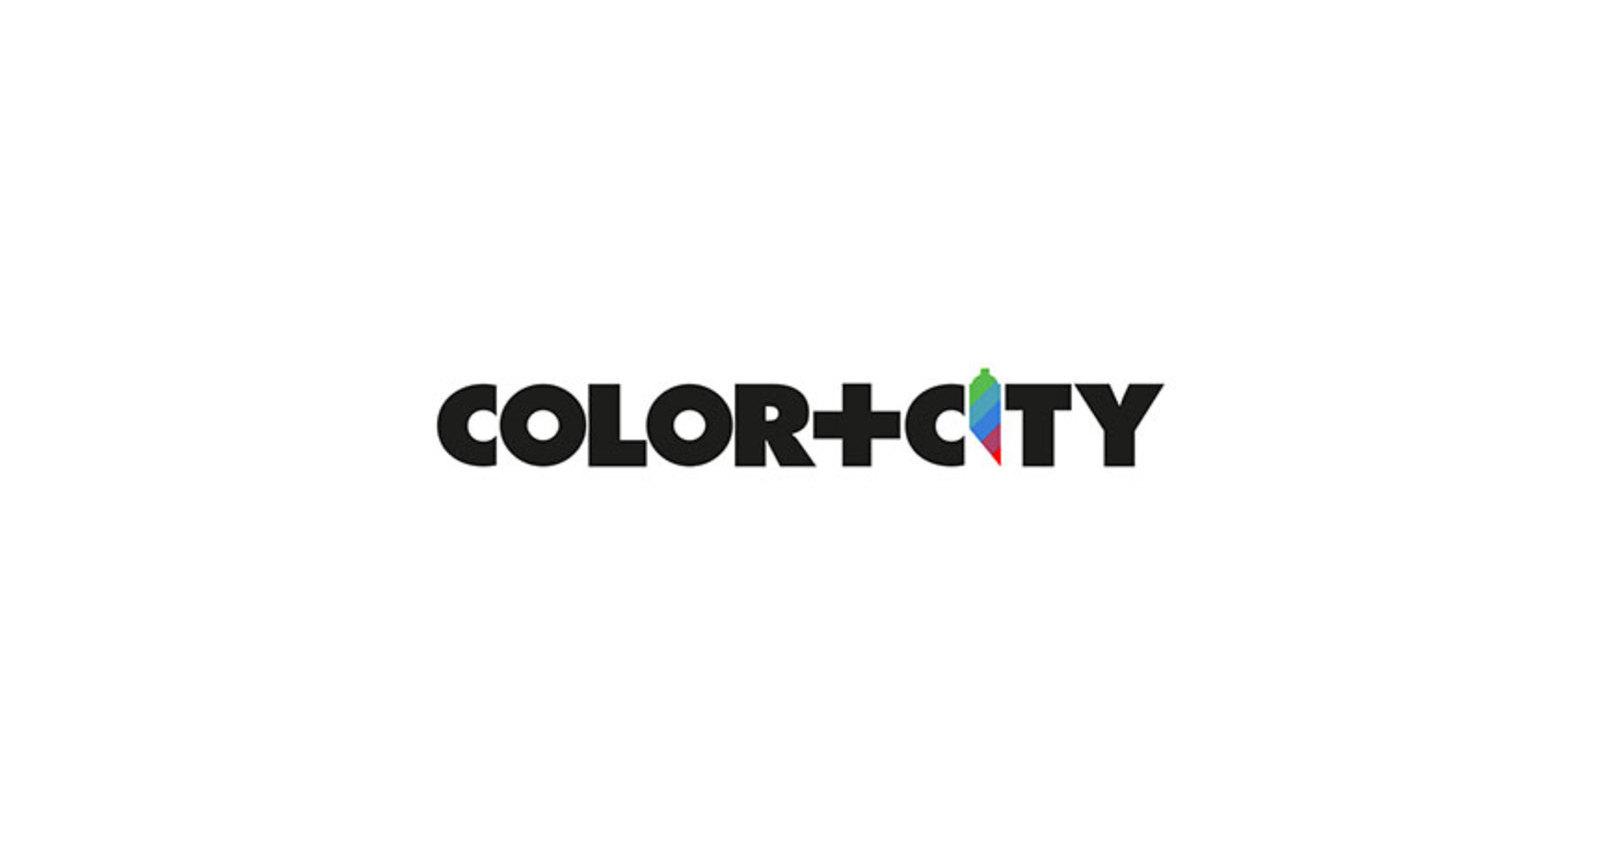 Color + City